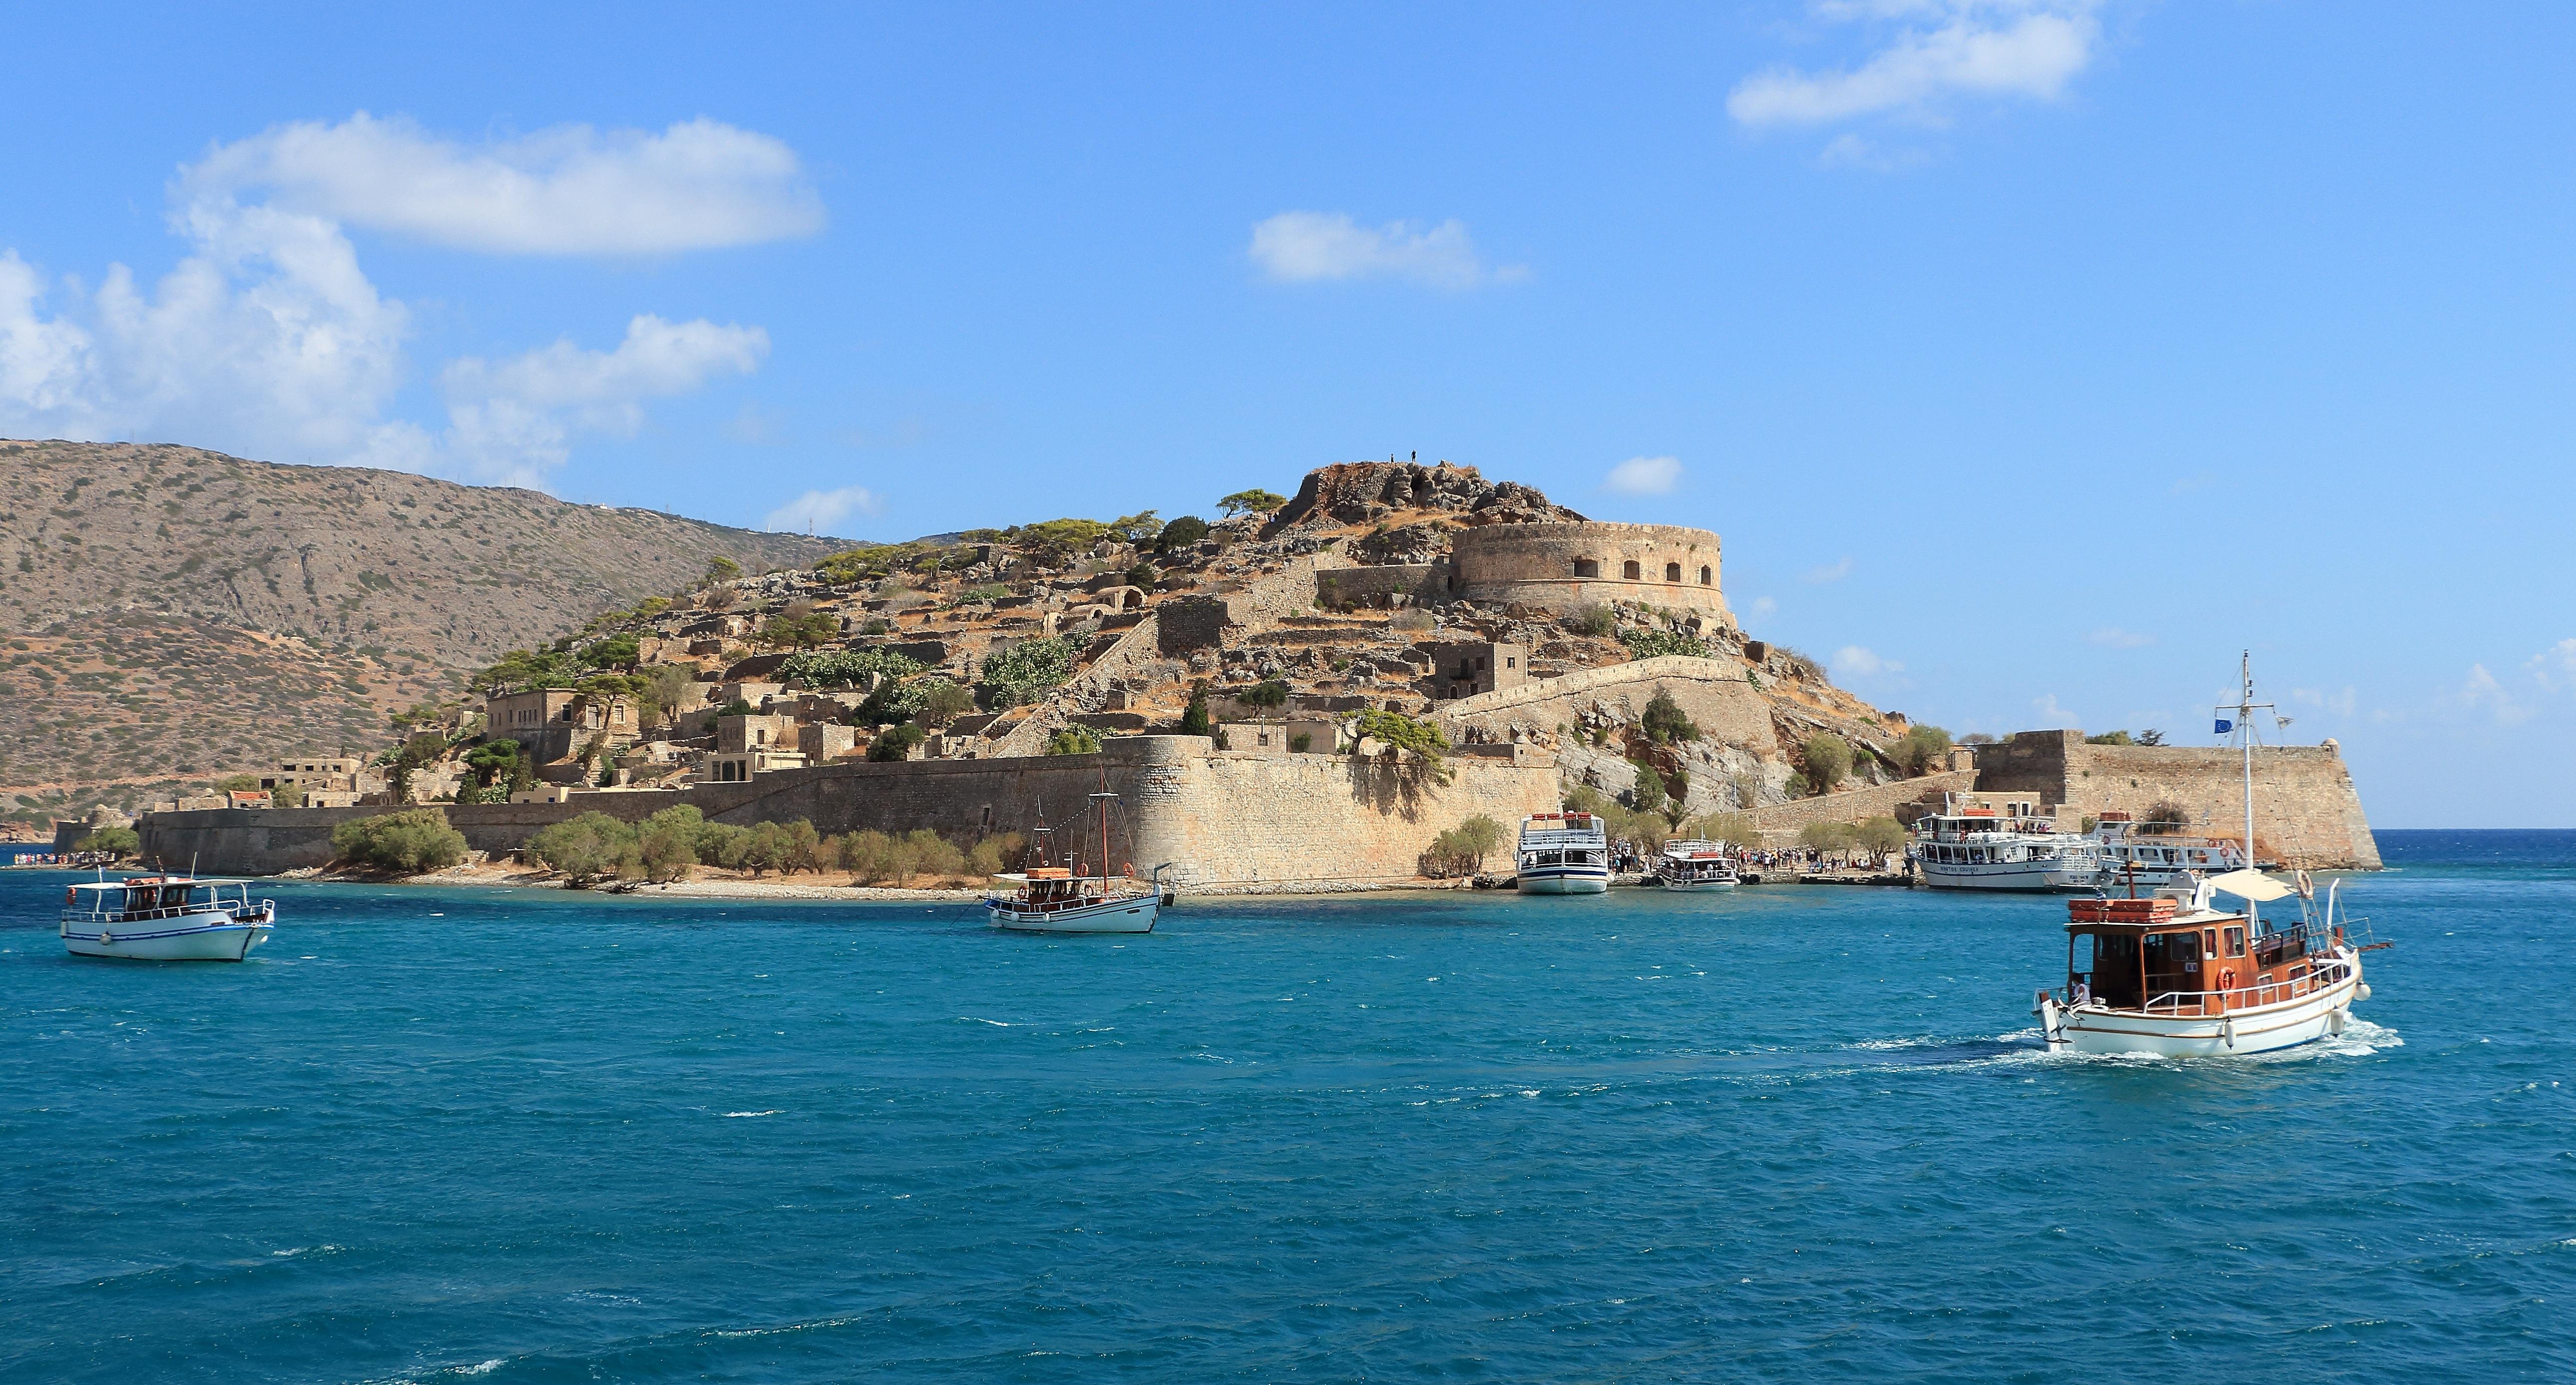 mar costa barco enviar vacaciones ensenada vehculo baha isla terreno grecia caribe reservado capa creta isleta